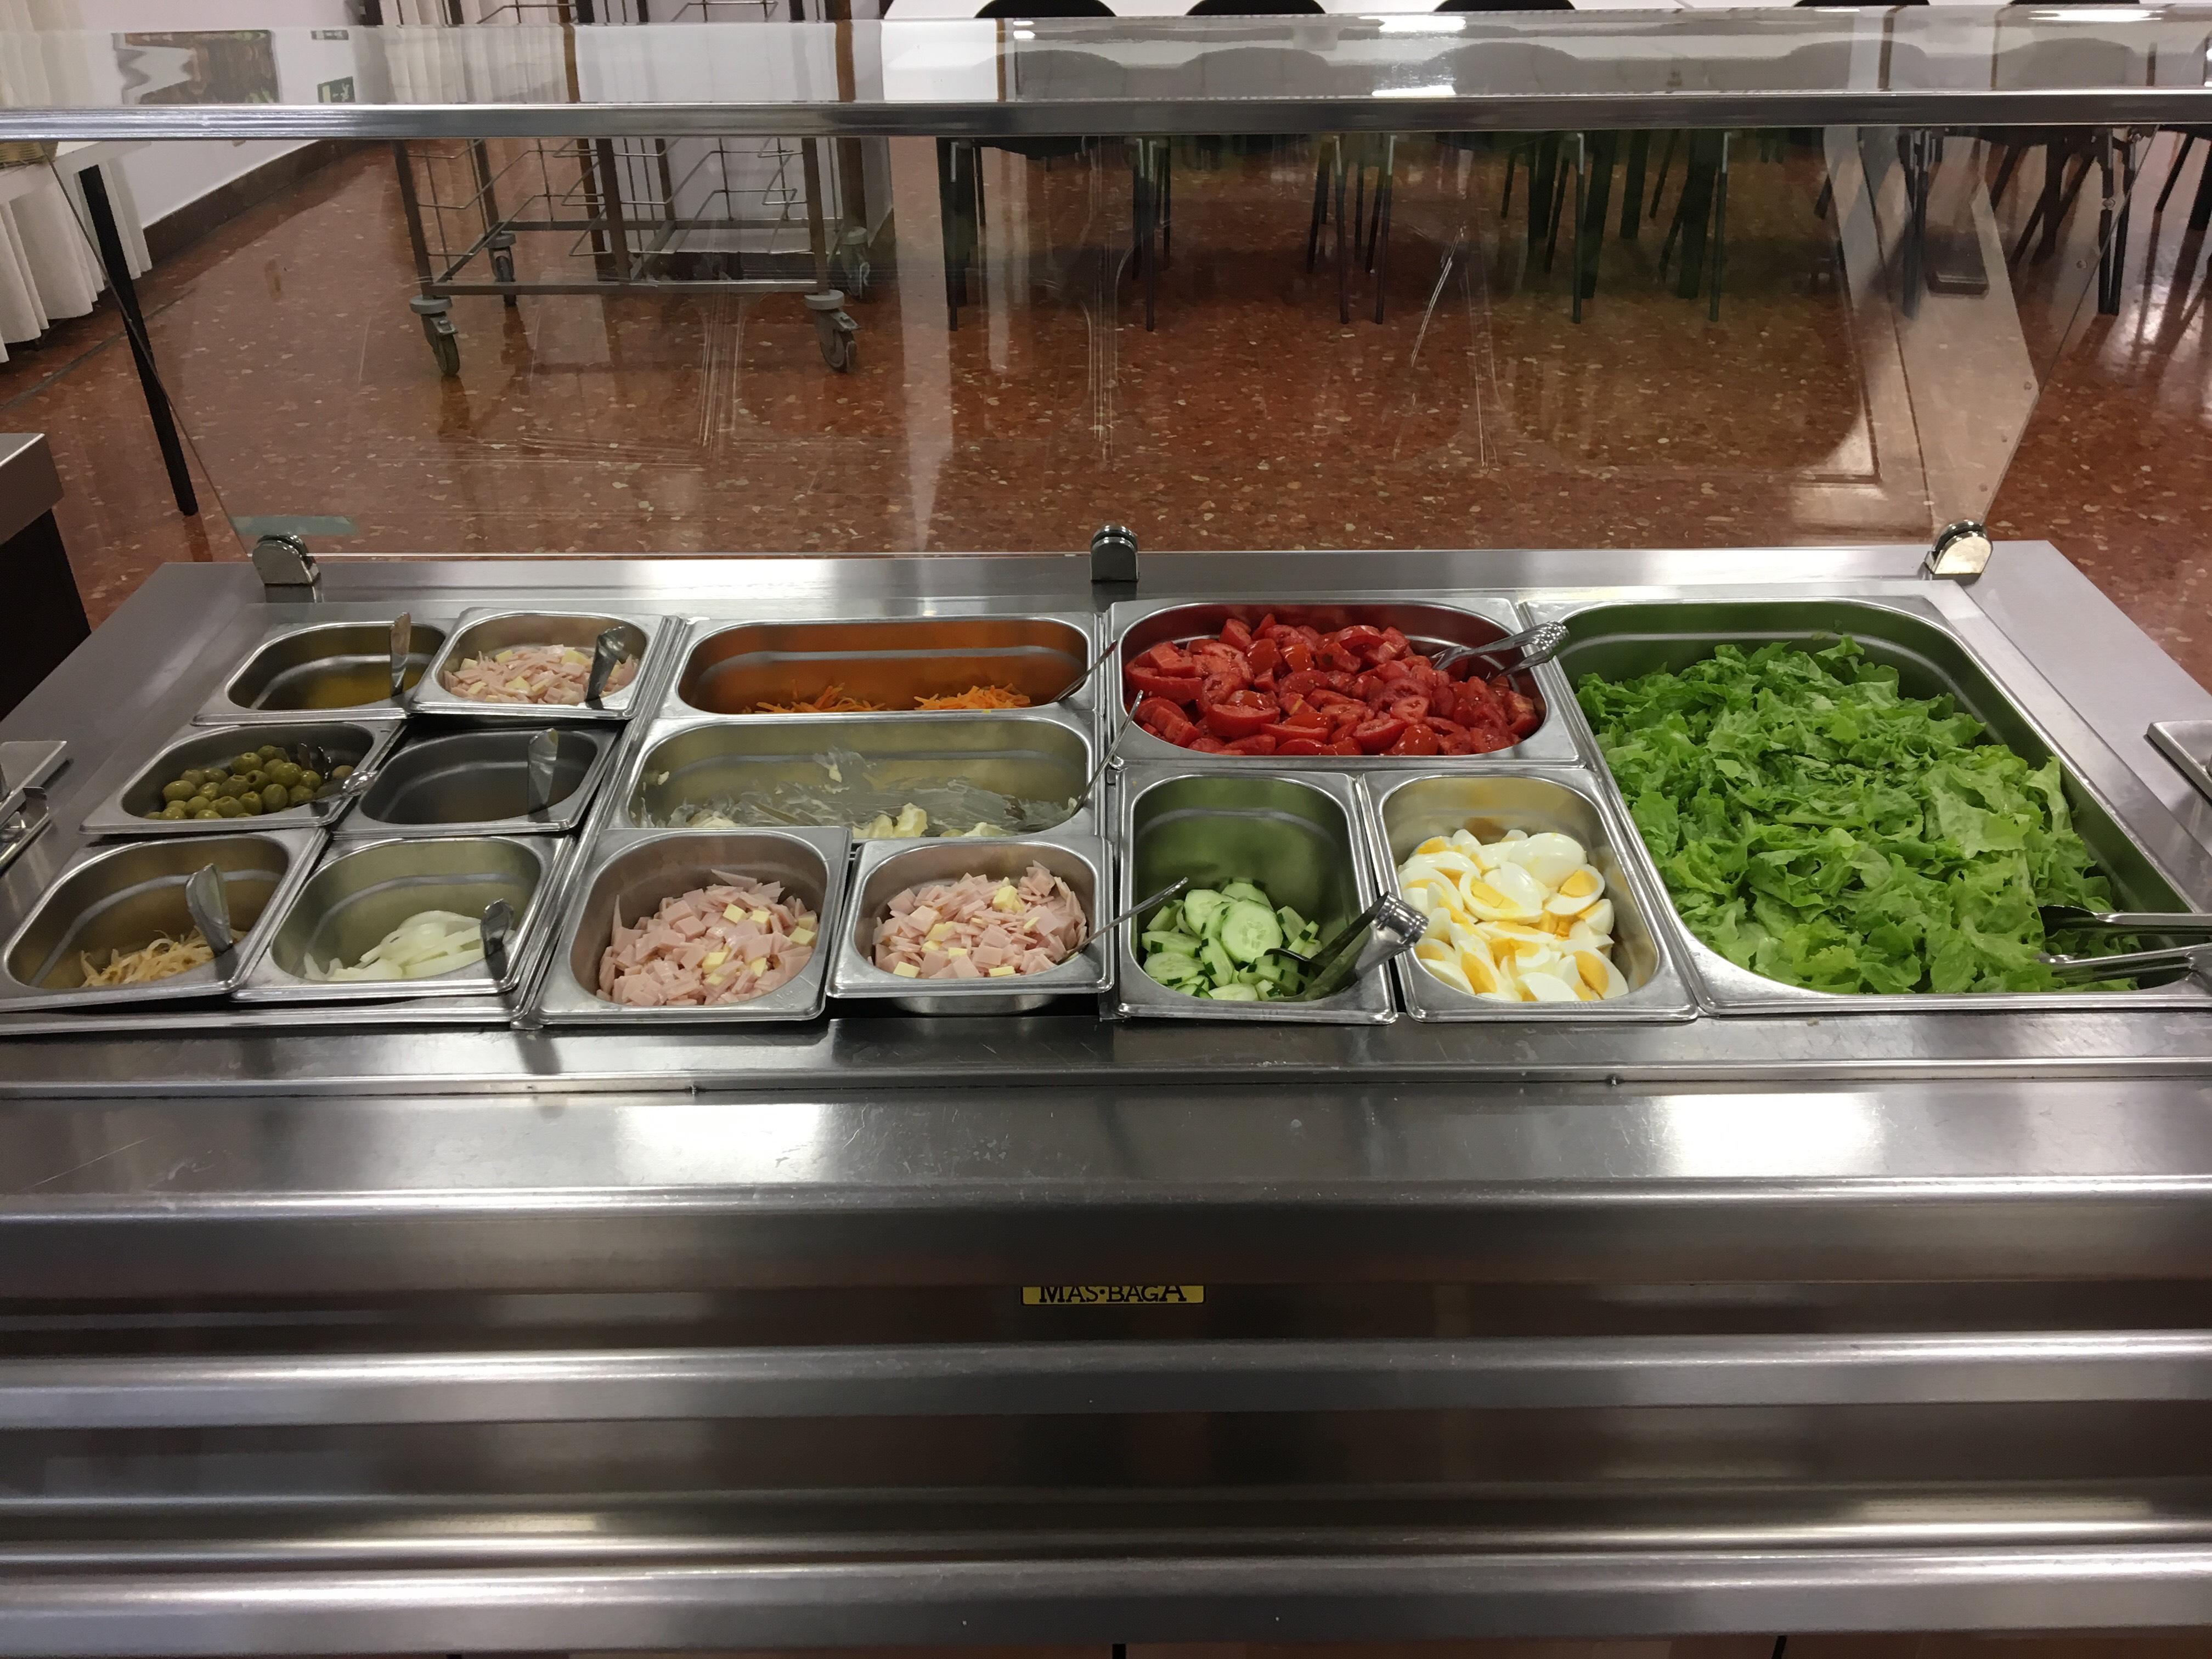 Servicio de Comedor - Colegio Mayor Miguel de Unamuno - UPV/EHU